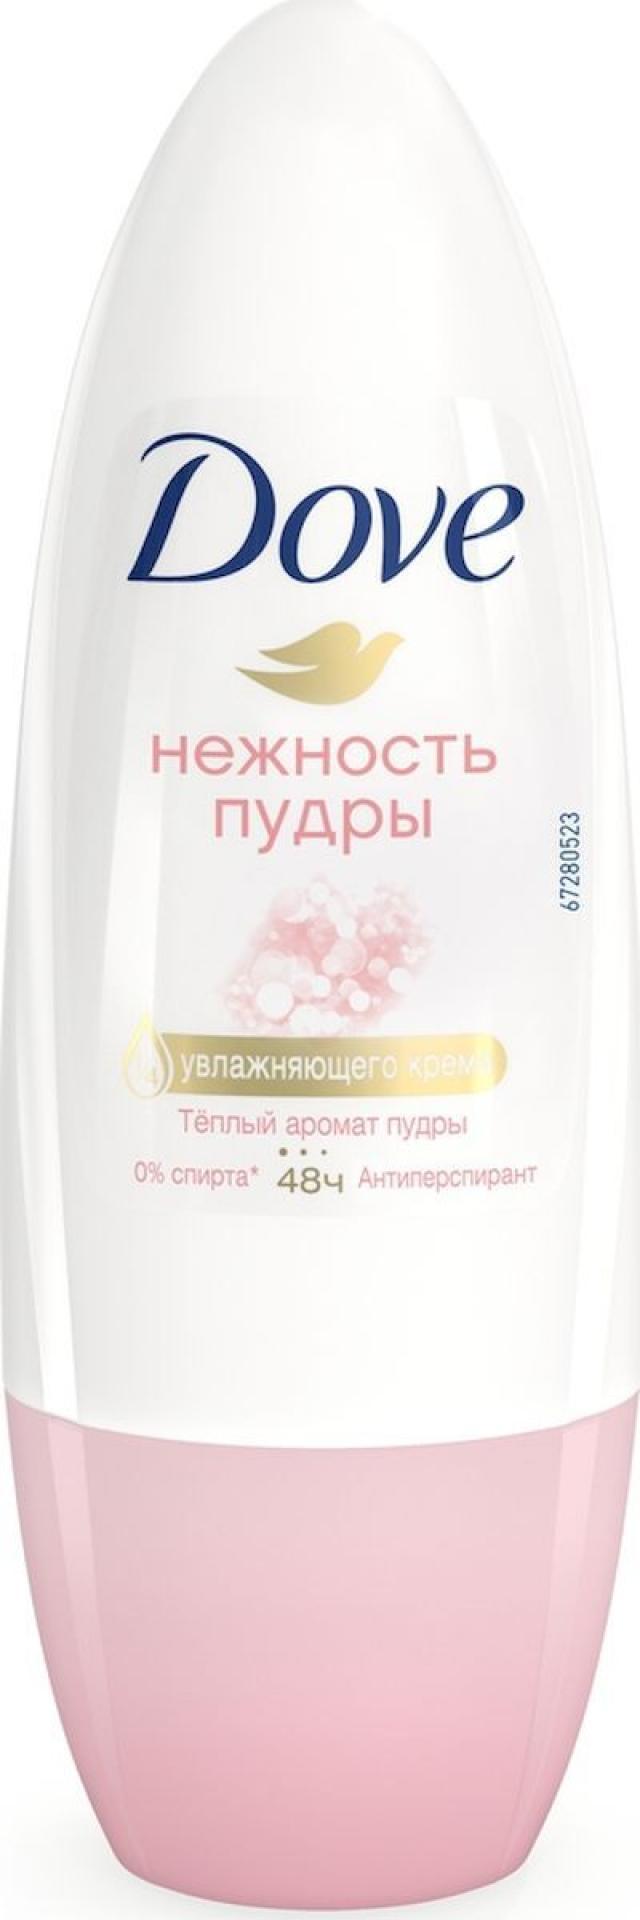 Дав дезодорант-ролик Нежность пудры 50мл купить в Москве по цене от 0 рублей